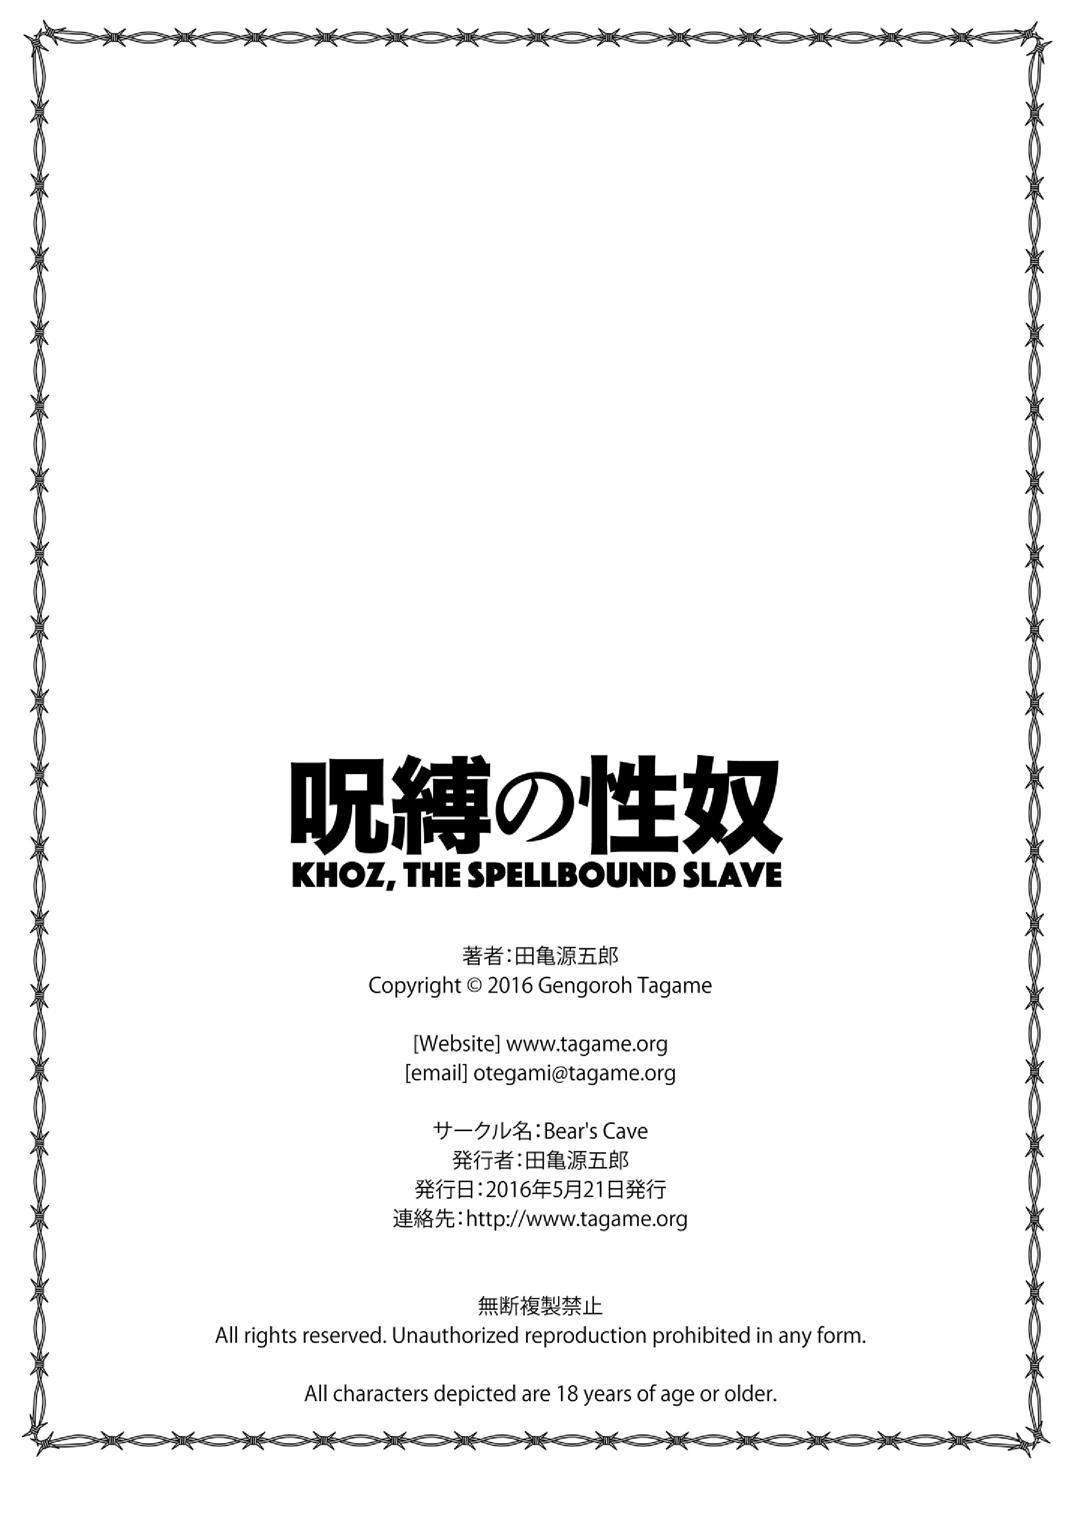 Jubaku no Seiyatsu - Khoz, The Spellbound Slave 23